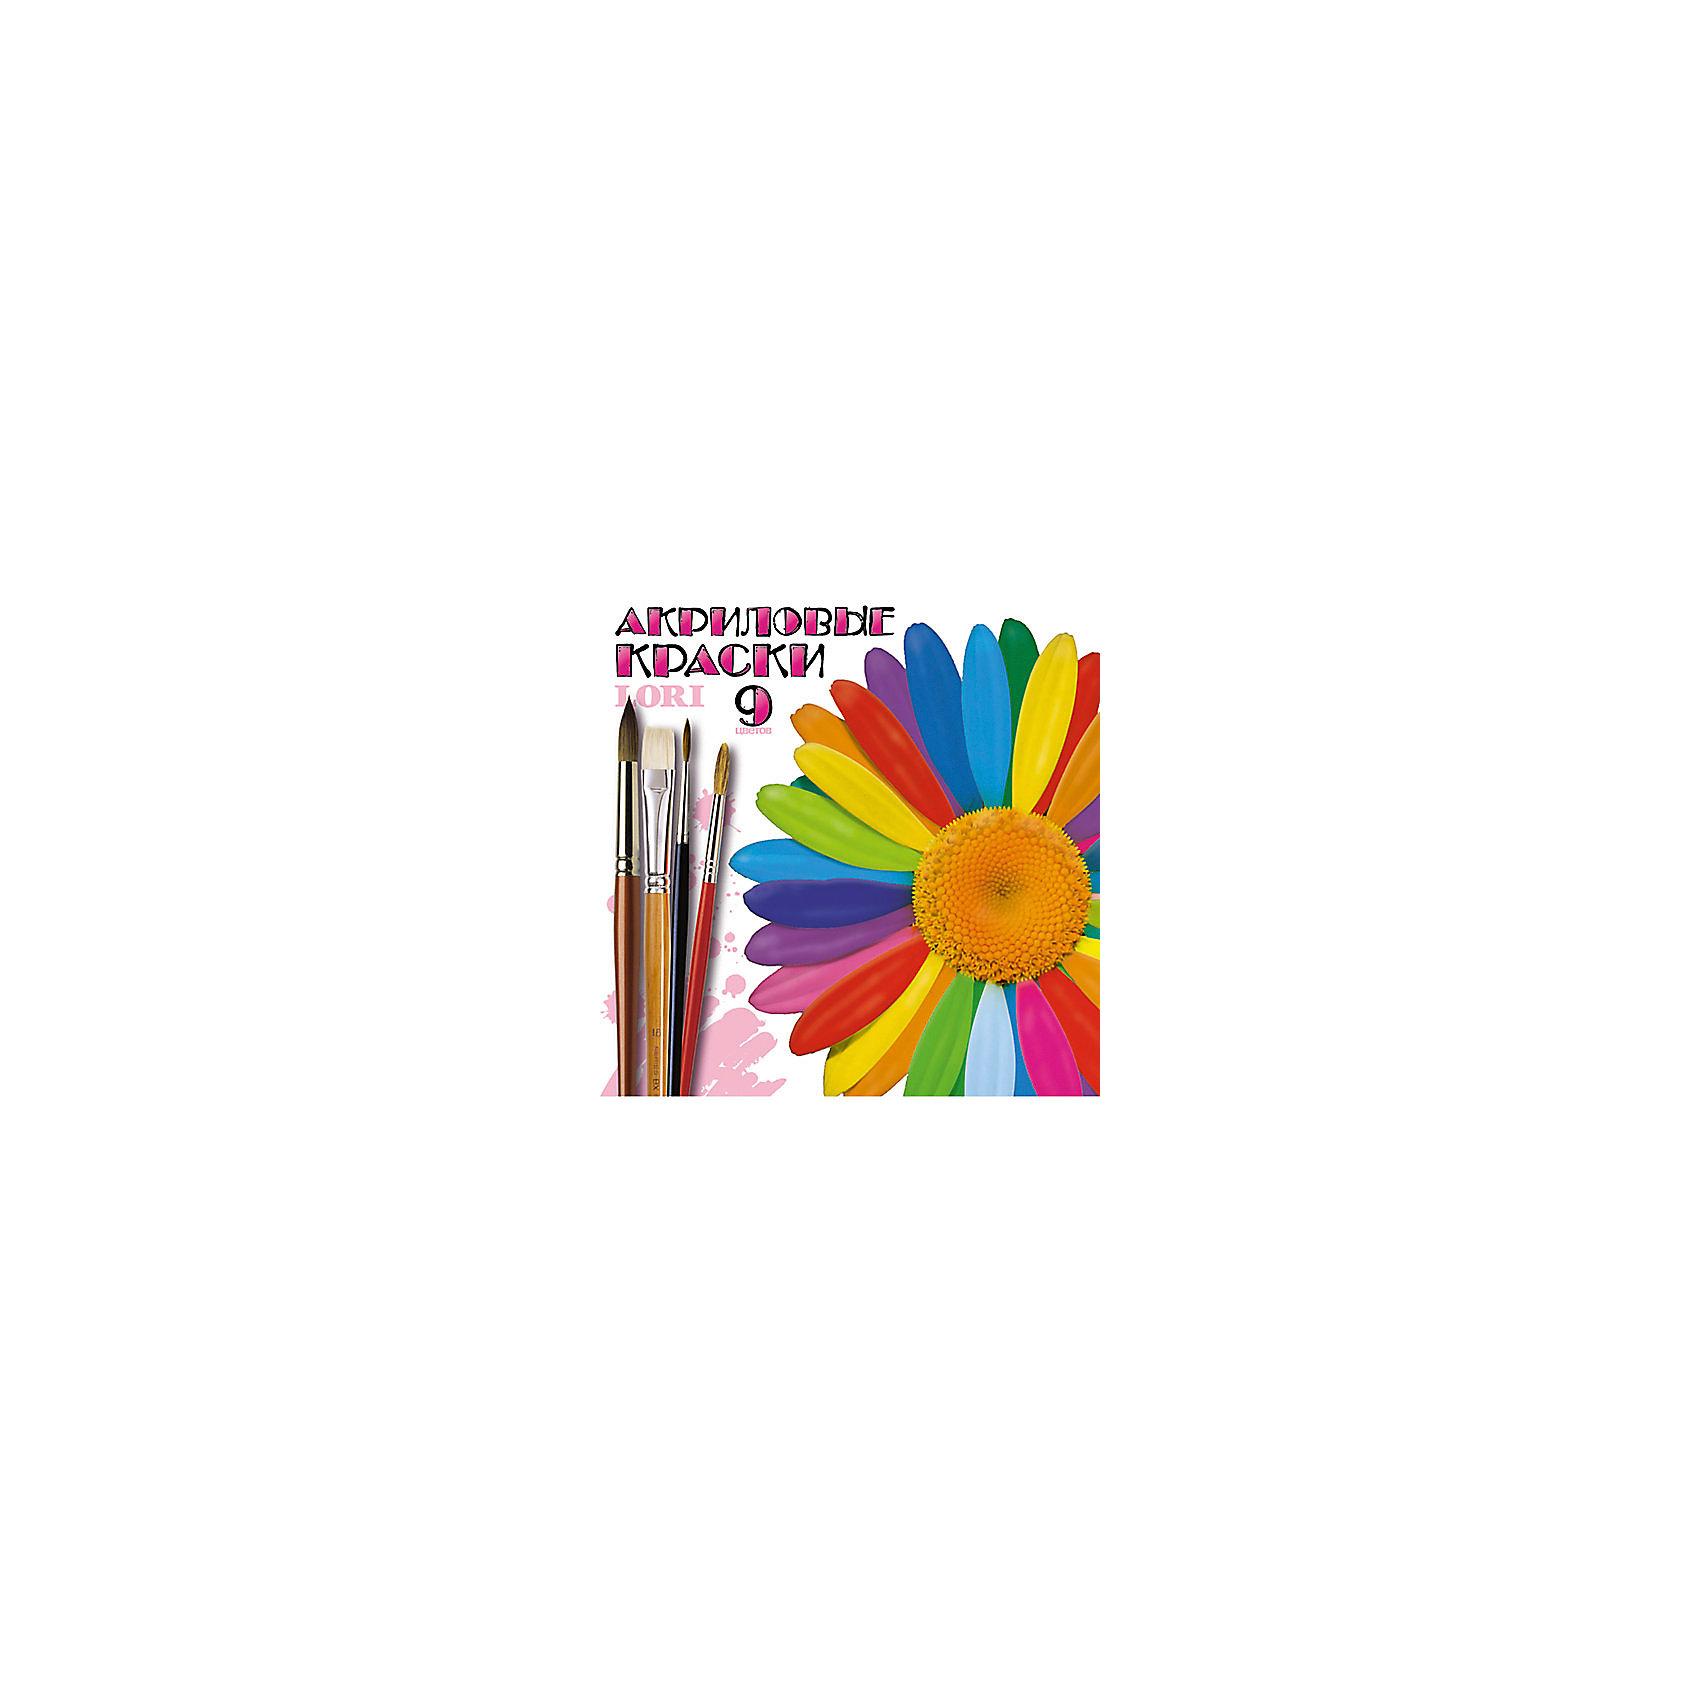 Краски акриловые, 9 цветов, LORIРисование<br>Краски акриловые, 9 цв. - это качественный набор для детского творчества и декоративно-оформительских работ.<br>Набор акриловых красок — отличный способ развить творческие способности ребенка. Краски имеют насыщенные цвета, ложатся ровным слоем на бумаге, не тускнеют со временем, не теряют яркости и легко удаляются с рук,. Они наносятся на бумагу, холст, дерево, стекло, металл, пластик, кожу, ткань, керамику, пластилин, глину и используются для создания коллажей, как цветной клей и фон-основа для аппликаций. В процессе рисования у детей развивается творческие навыки, мелкая моторика рук, воображение и художественный вкус.<br><br>Дополнительная информация:<br><br>- В наборе: краски 9 цветов в баночках по 20 мл.<br>- Цвета: красный, белый, черный, синий, желтый, зеленый, салатовый, сиреневый, оранжевый<br>- Упаковка: картонная коробка<br>- Размер упаковки: 12 х 12 х 4 см.<br>- Вес: 254 гр.<br><br>Краски акриловые, 9 цв. можно купить в нашем интернет-магазине.<br><br>Ширина мм: 120<br>Глубина мм: 120<br>Высота мм: 40<br>Вес г: 254<br>Возраст от месяцев: 36<br>Возраст до месяцев: 144<br>Пол: Унисекс<br>Возраст: Детский<br>SKU: 4249891